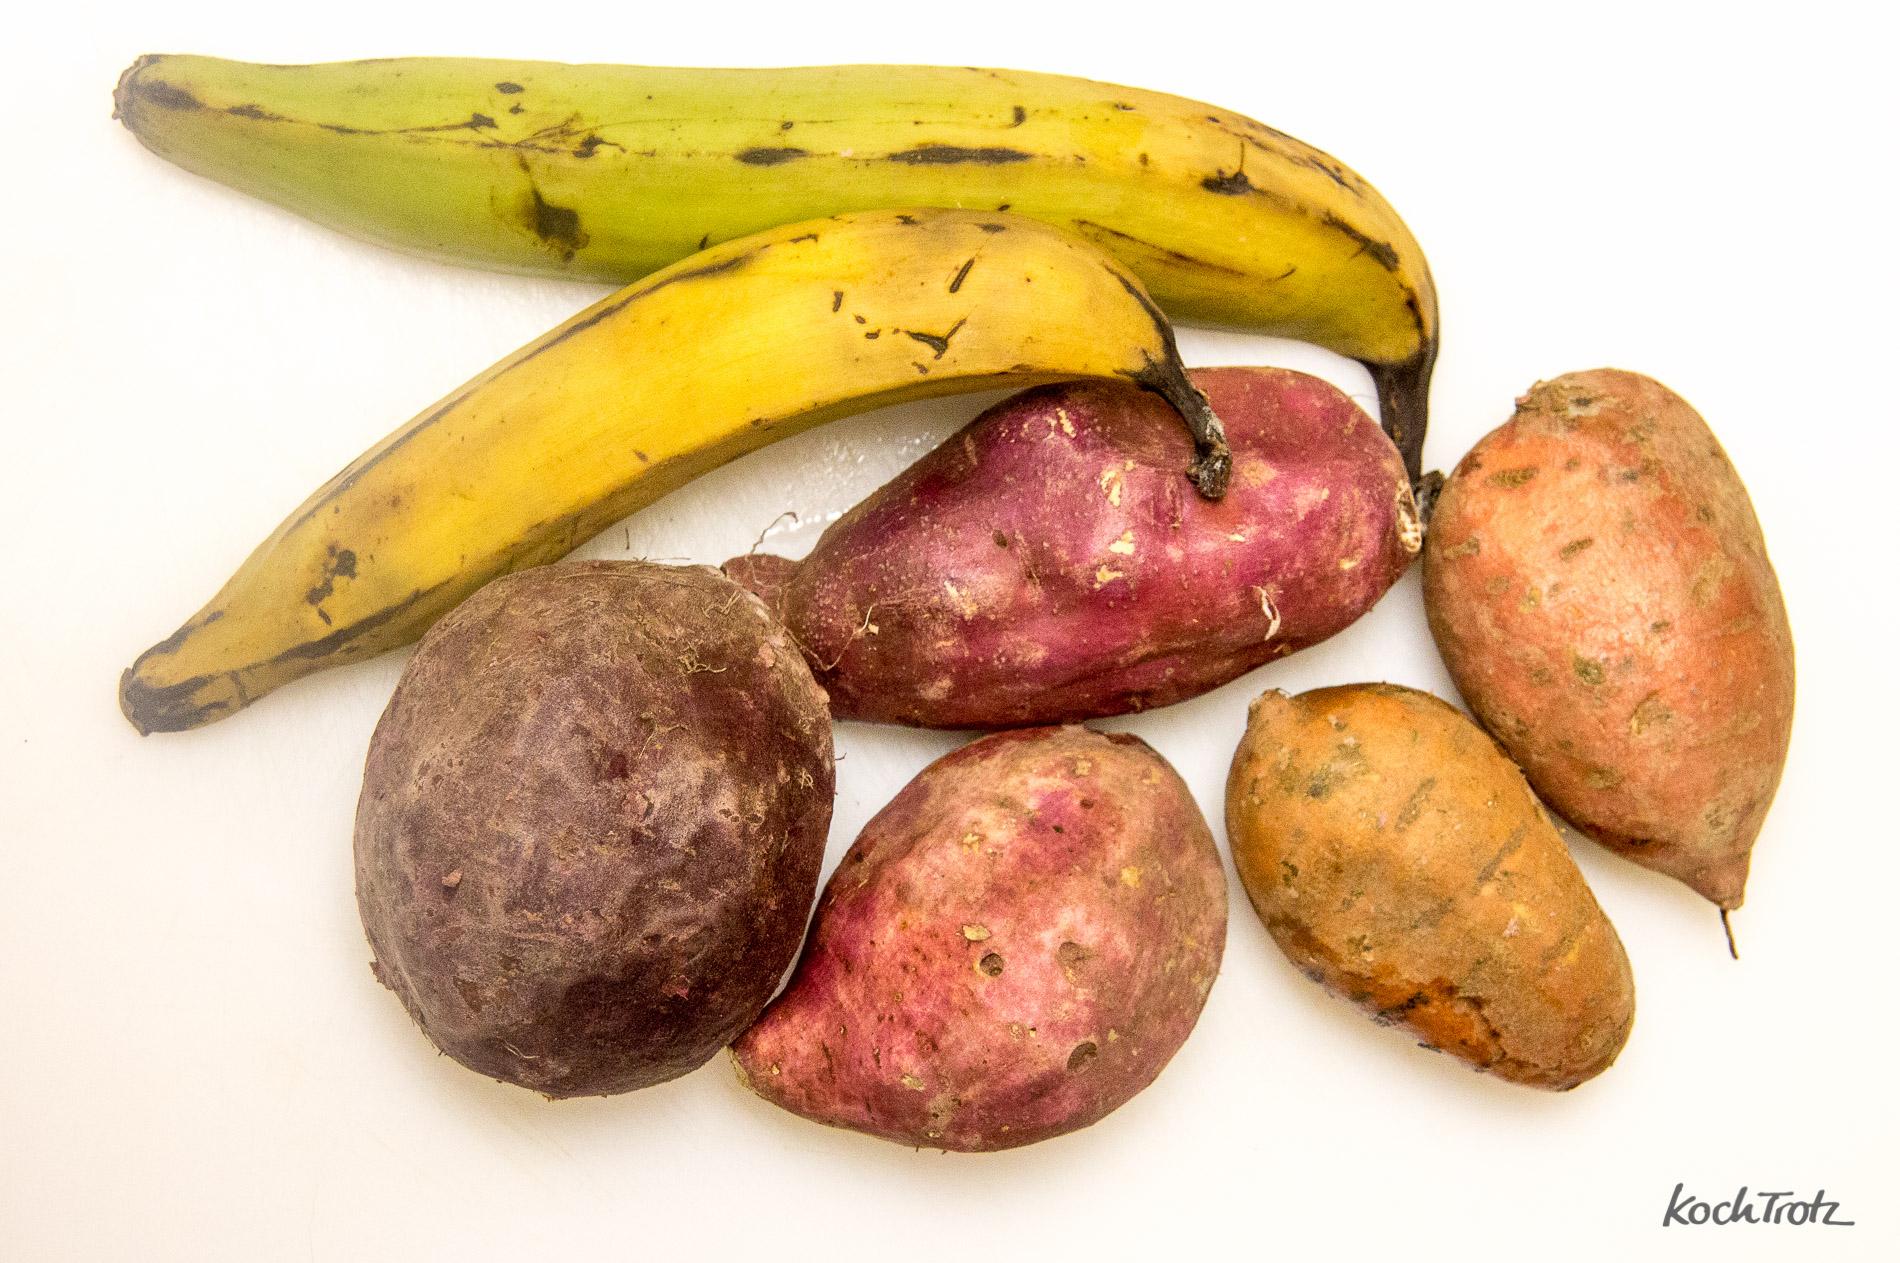 eintopf-mit-pastinaken-suesskartoffeln-kochbanane-karotte-vegan-indisch-1